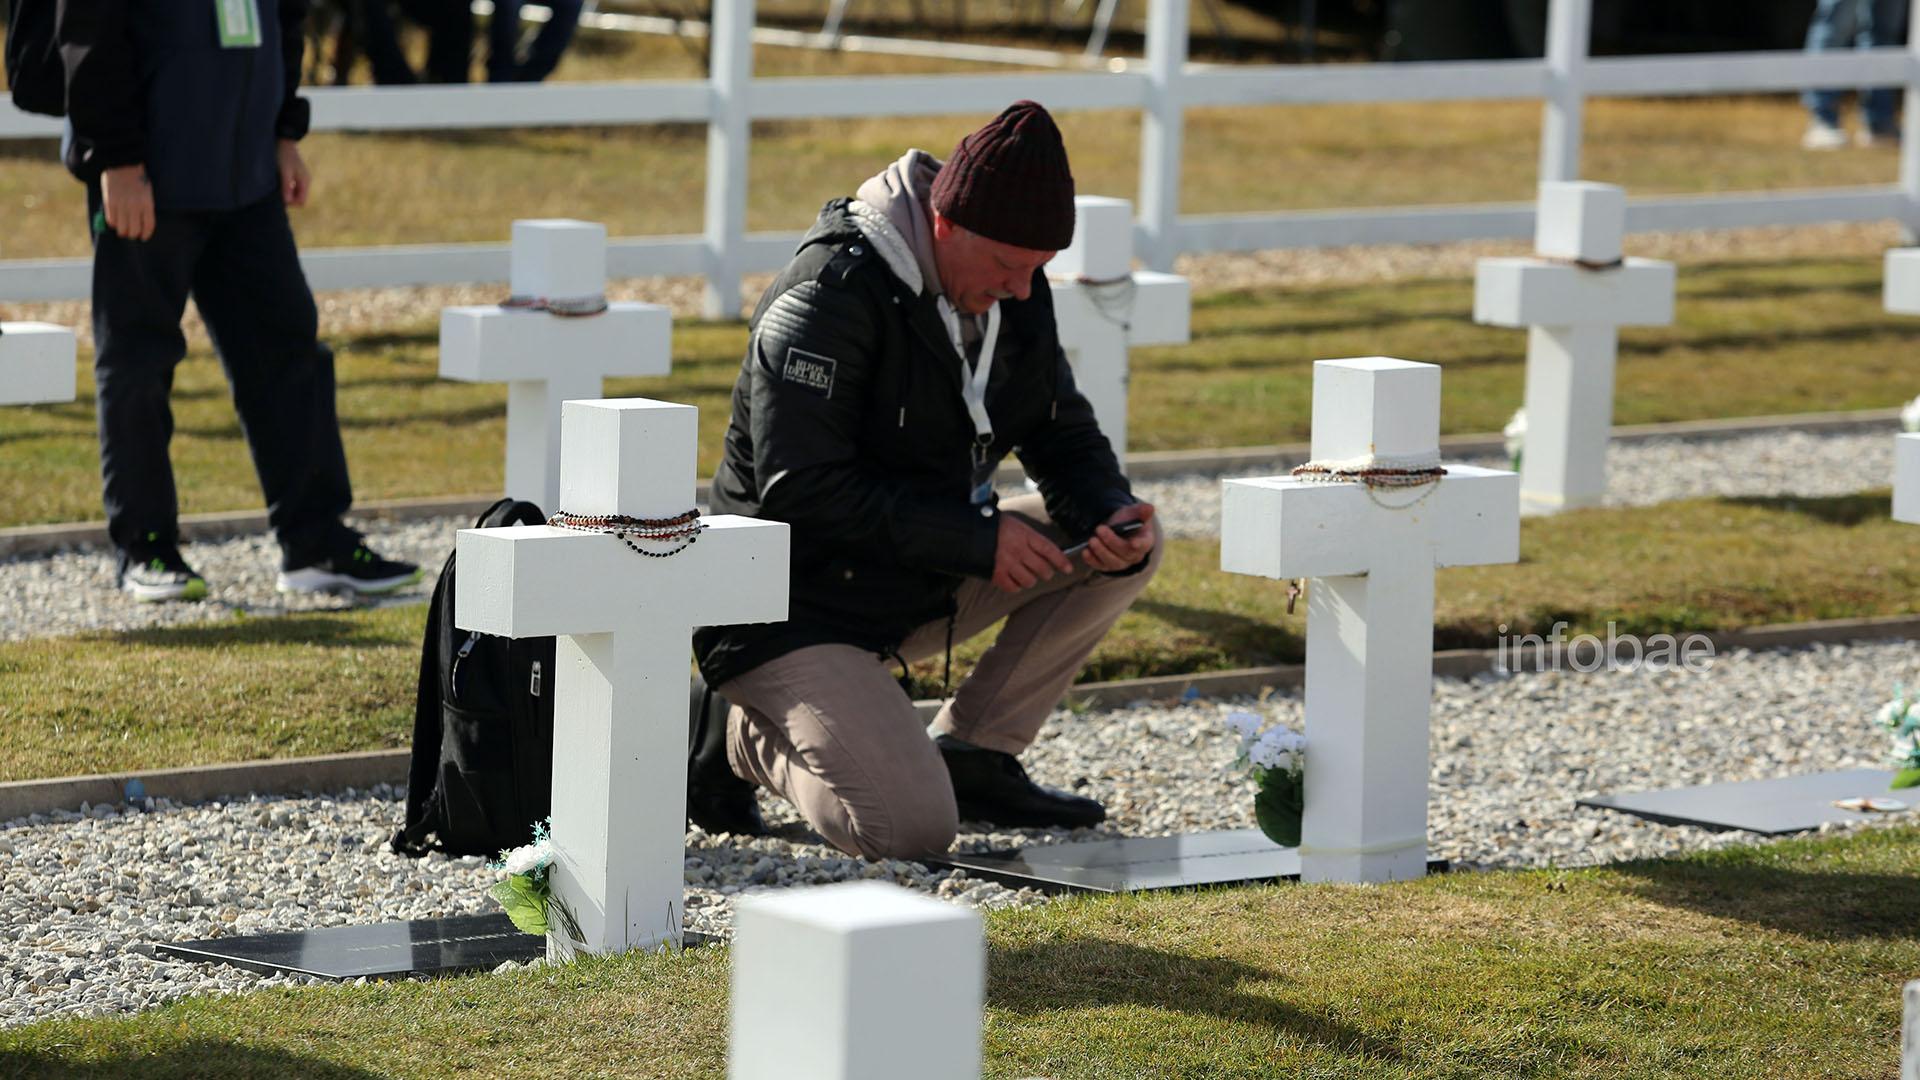 Algunos familiares aprovecharon para sacar fotos con sus teléfonos celulares para enviarles imágenes a otros allegados que no tuvieron la oportunidad de viajar a Malvinas